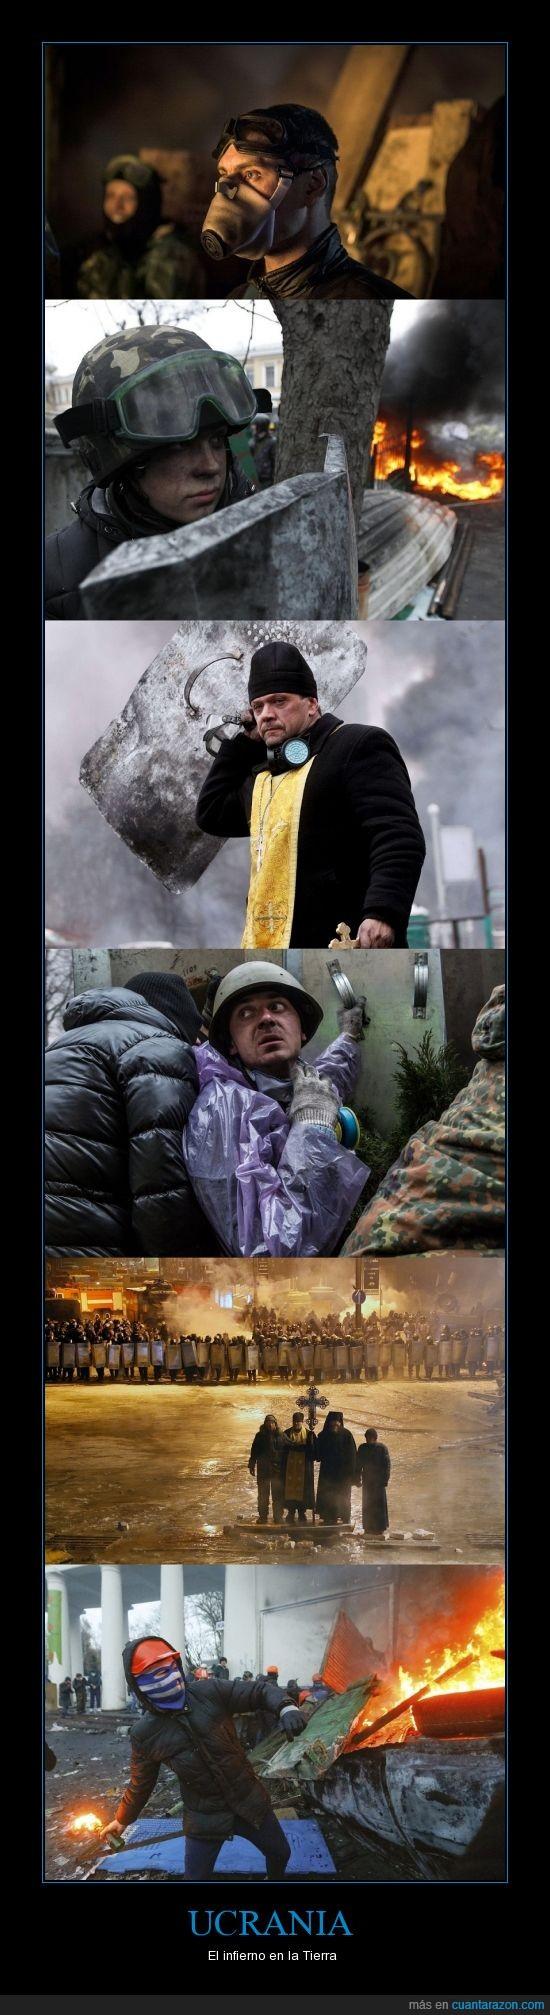 infierno,manifestaciones,pueblo,revueltas,tierra,ucrania